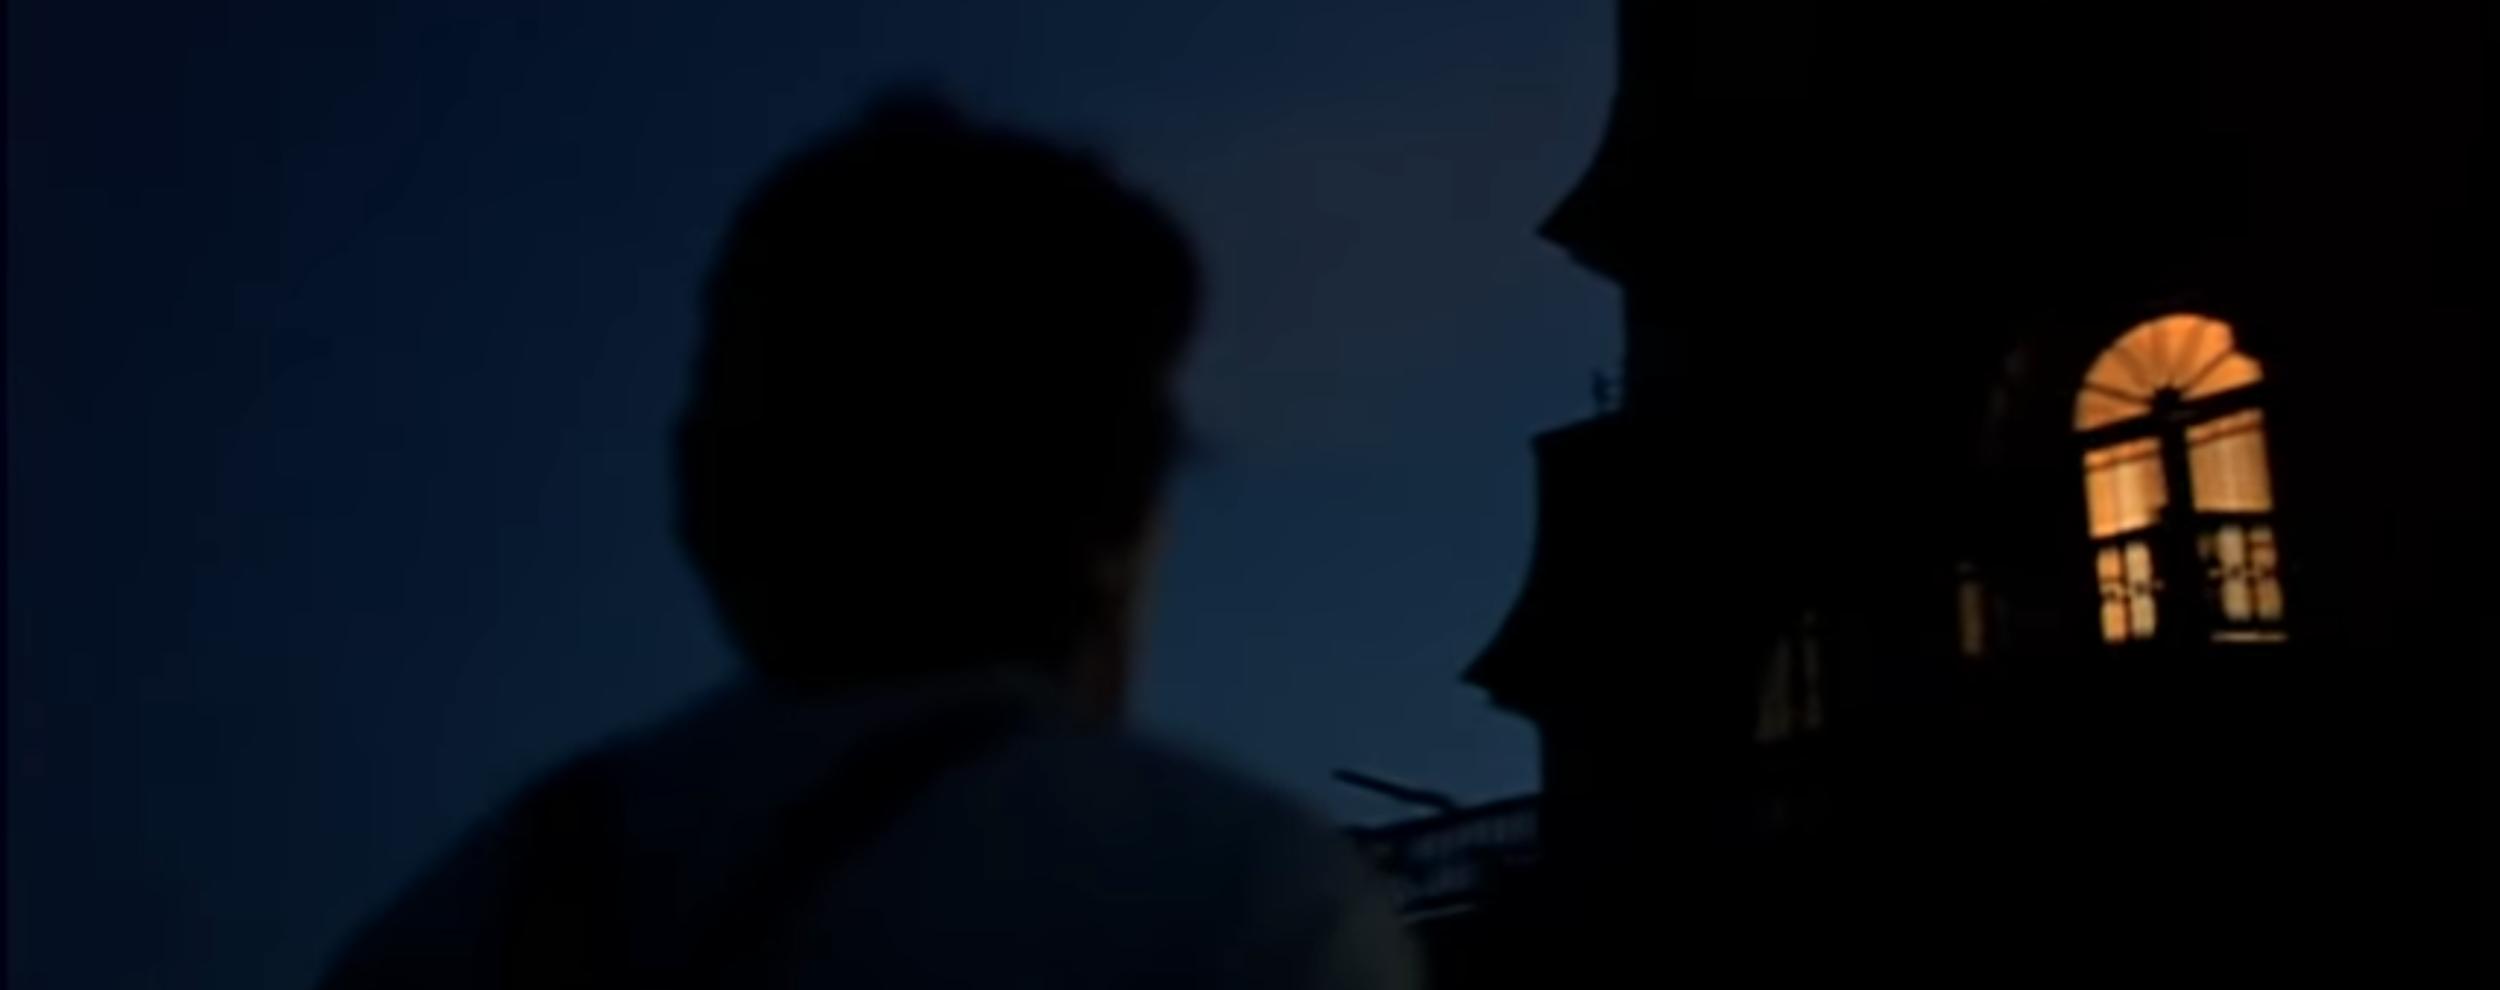 Screen Shot 2018-05-23 at 9.50.35 PM.png